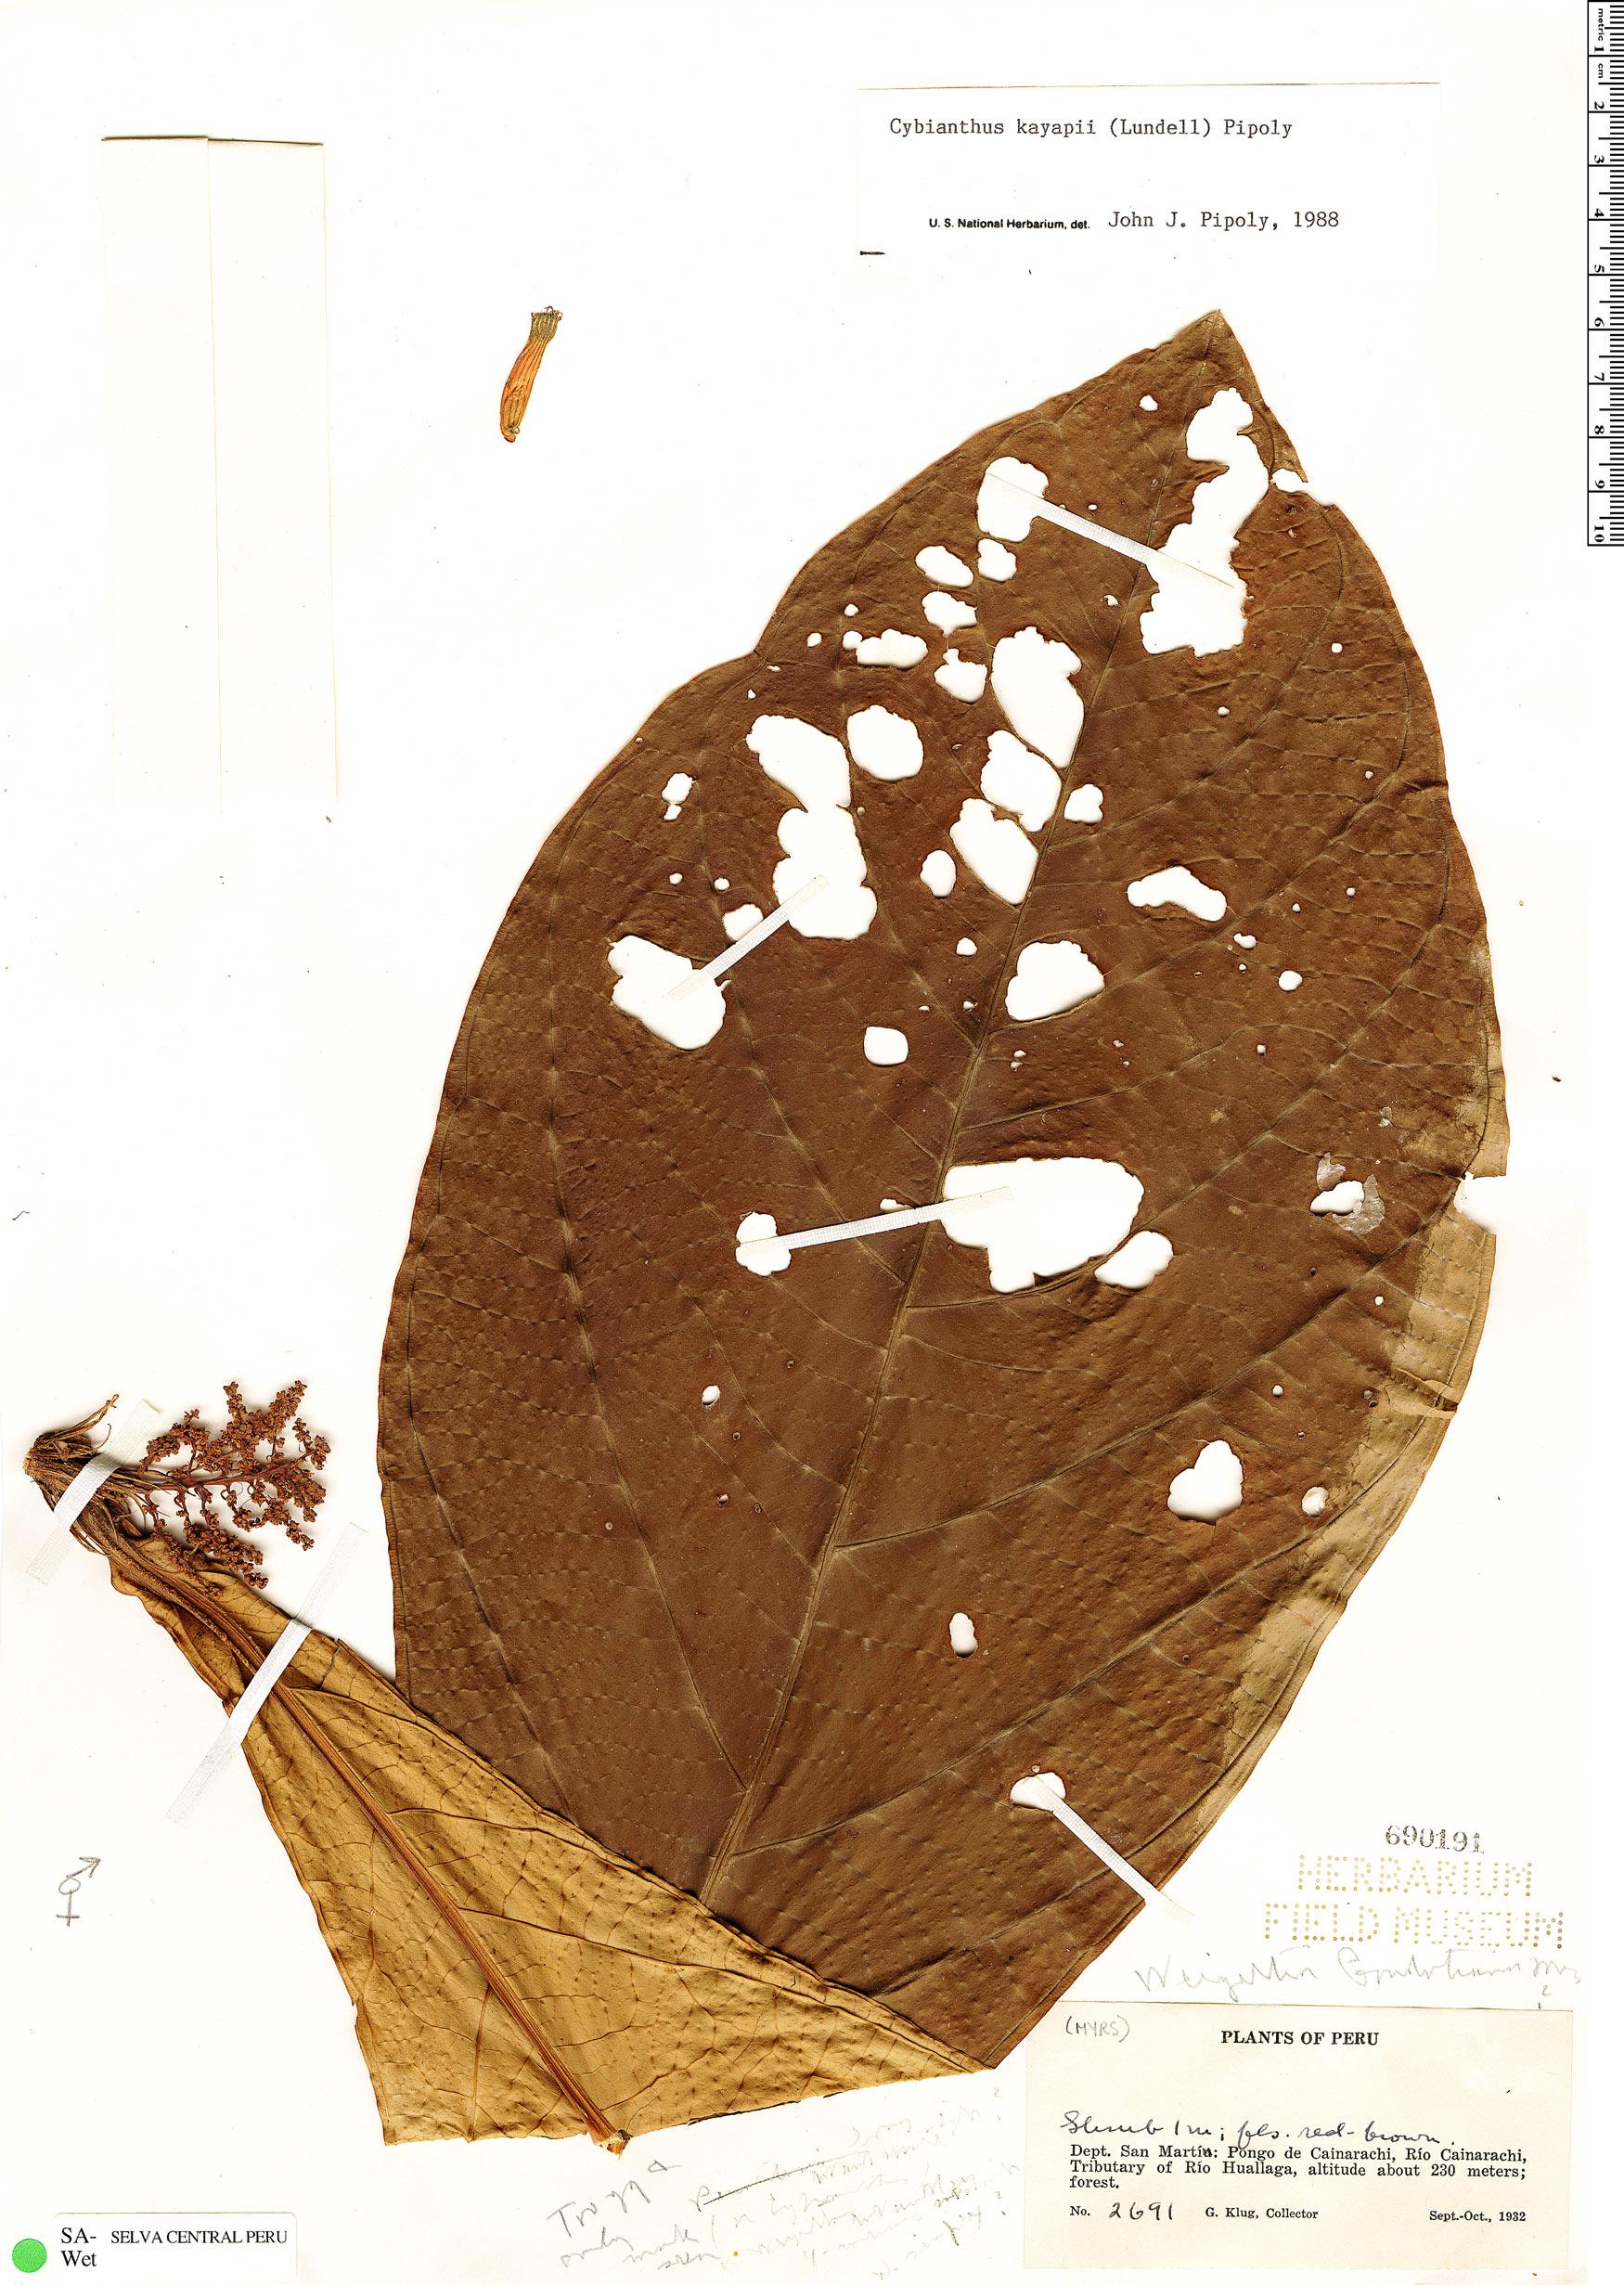 Specimen: Cybianthus kayapii